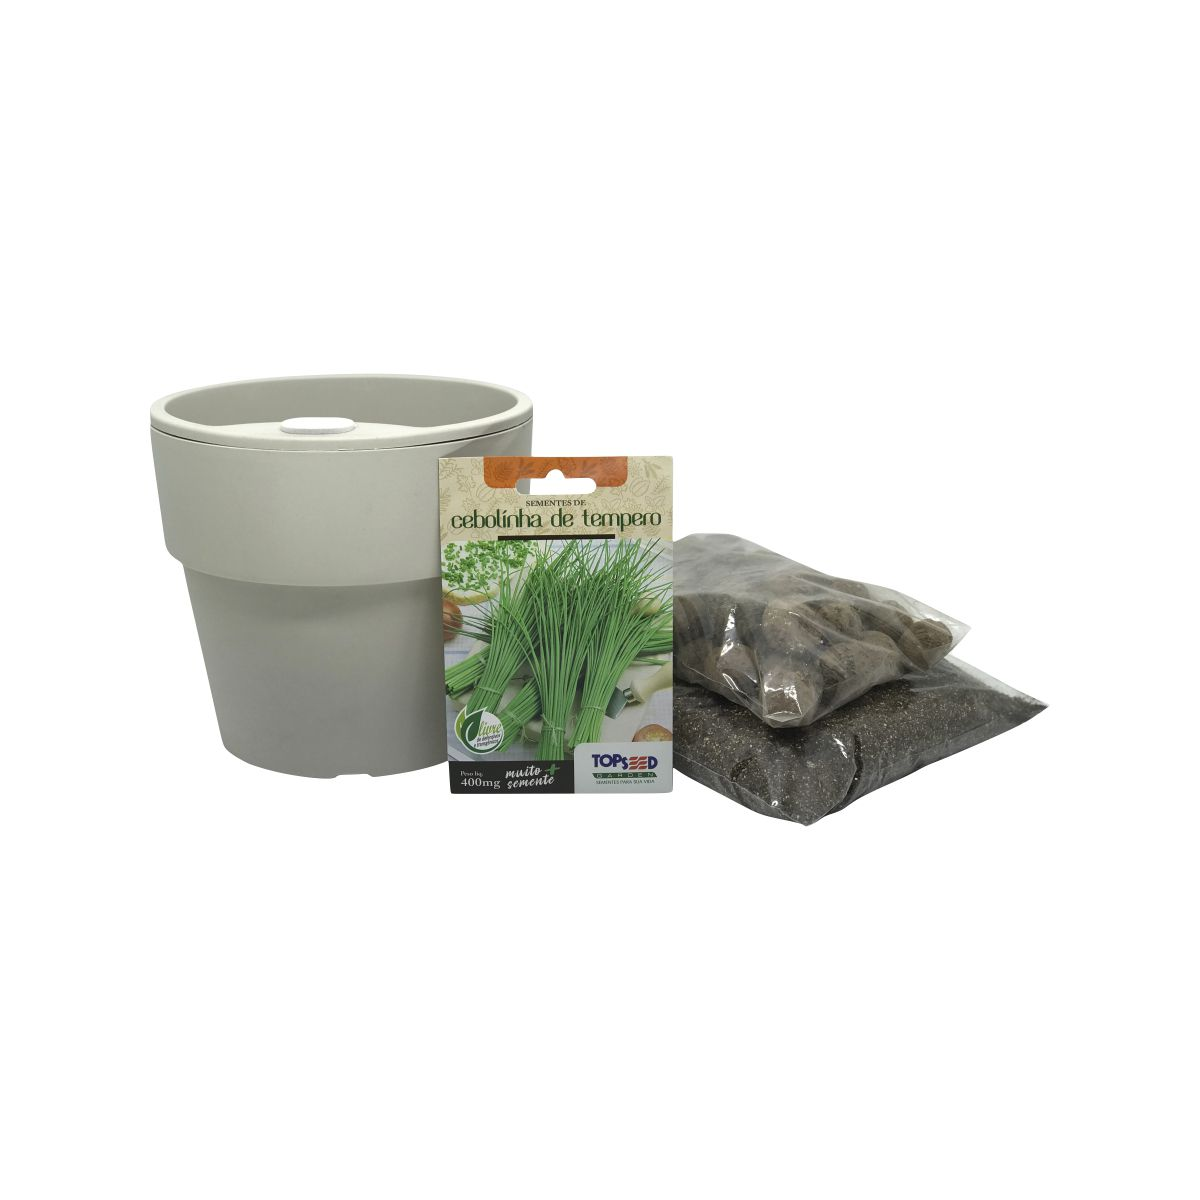 Kit completo Meu Primeiro Plantio de Cebolinha com Vaso Autoirrigável Bege Linha Plantar